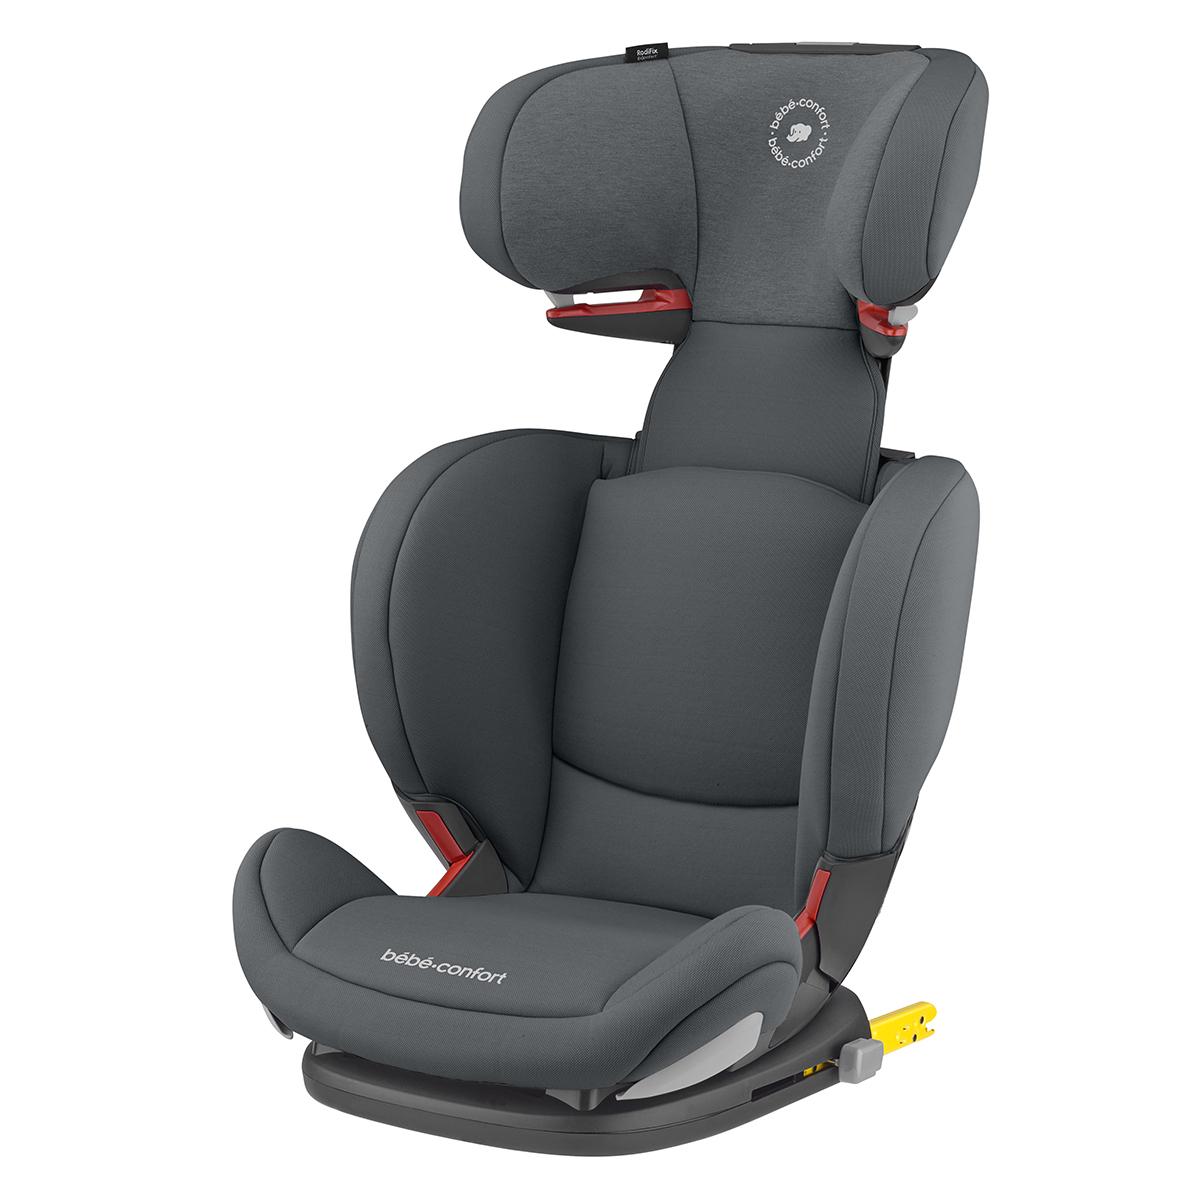 Siège auto et coque Siège Auto RodiFix Air Protect Isofix Groupe 2/3 - Authentic Graphite